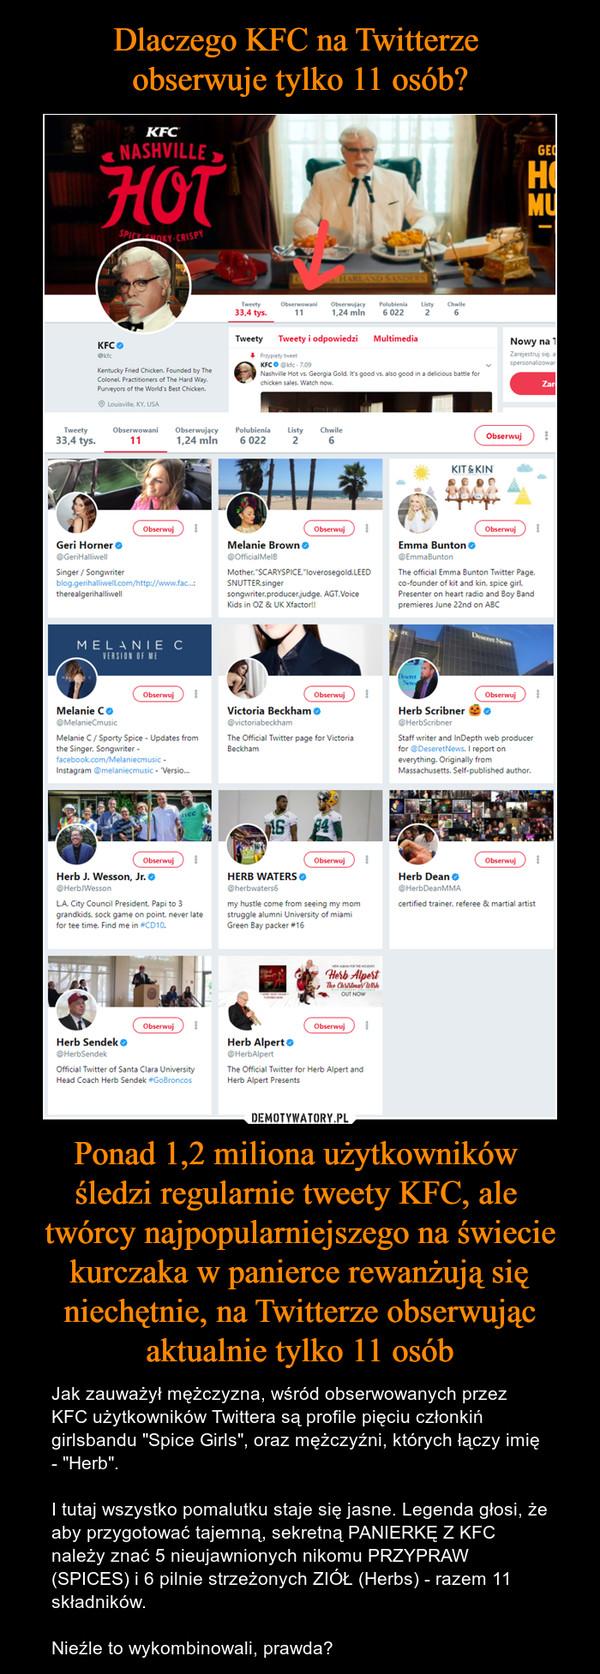 """Ponad 1,2 miliona użytkowników śledzi regularnie tweety KFC, ale twórcy najpopularniejszego na świecie kurczaka w panierce rewanżują się niechętnie, na Twitterze obserwując aktualnie tylko 11 osób – Jak zauważył mężczyzna, wśród obserwowanych przez KFC użytkowników Twittera są profile pięciu członkiń girlsbandu """"Spice Girls"""", oraz mężczyźni, których łączy imię - """"Herb"""".I tutaj wszystko pomalutku staje się jasne. Legenda głosi, że aby przygotować tajemną, sekretną PANIERKĘ Z KFC należy znać 5 nieujawnionych nikomu PRZYPRAW (SPICES) i 6 pilnie strzeżonych ZIÓŁ (Herbs) - razem 11 składników.Nieźle to wykombinowali, prawda?"""